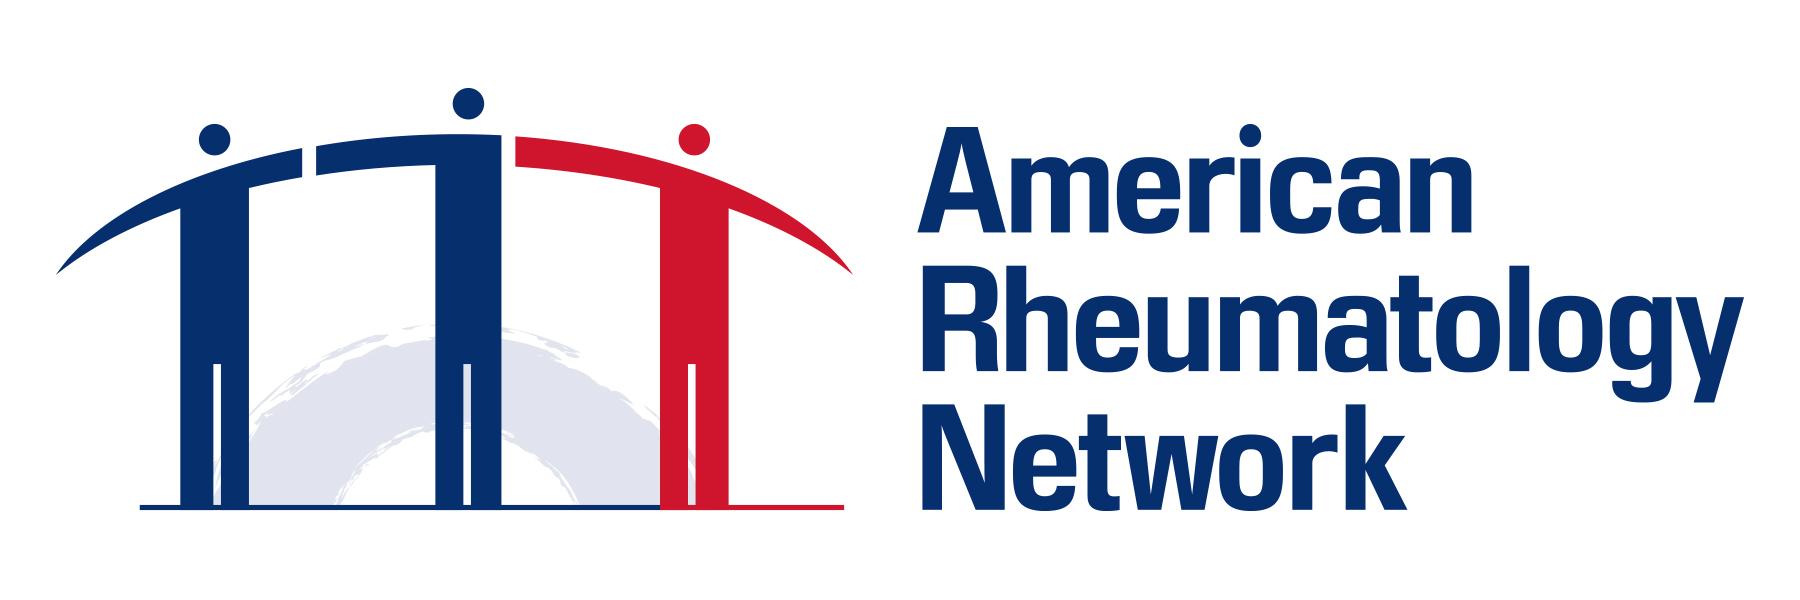 American Rheumatology Network